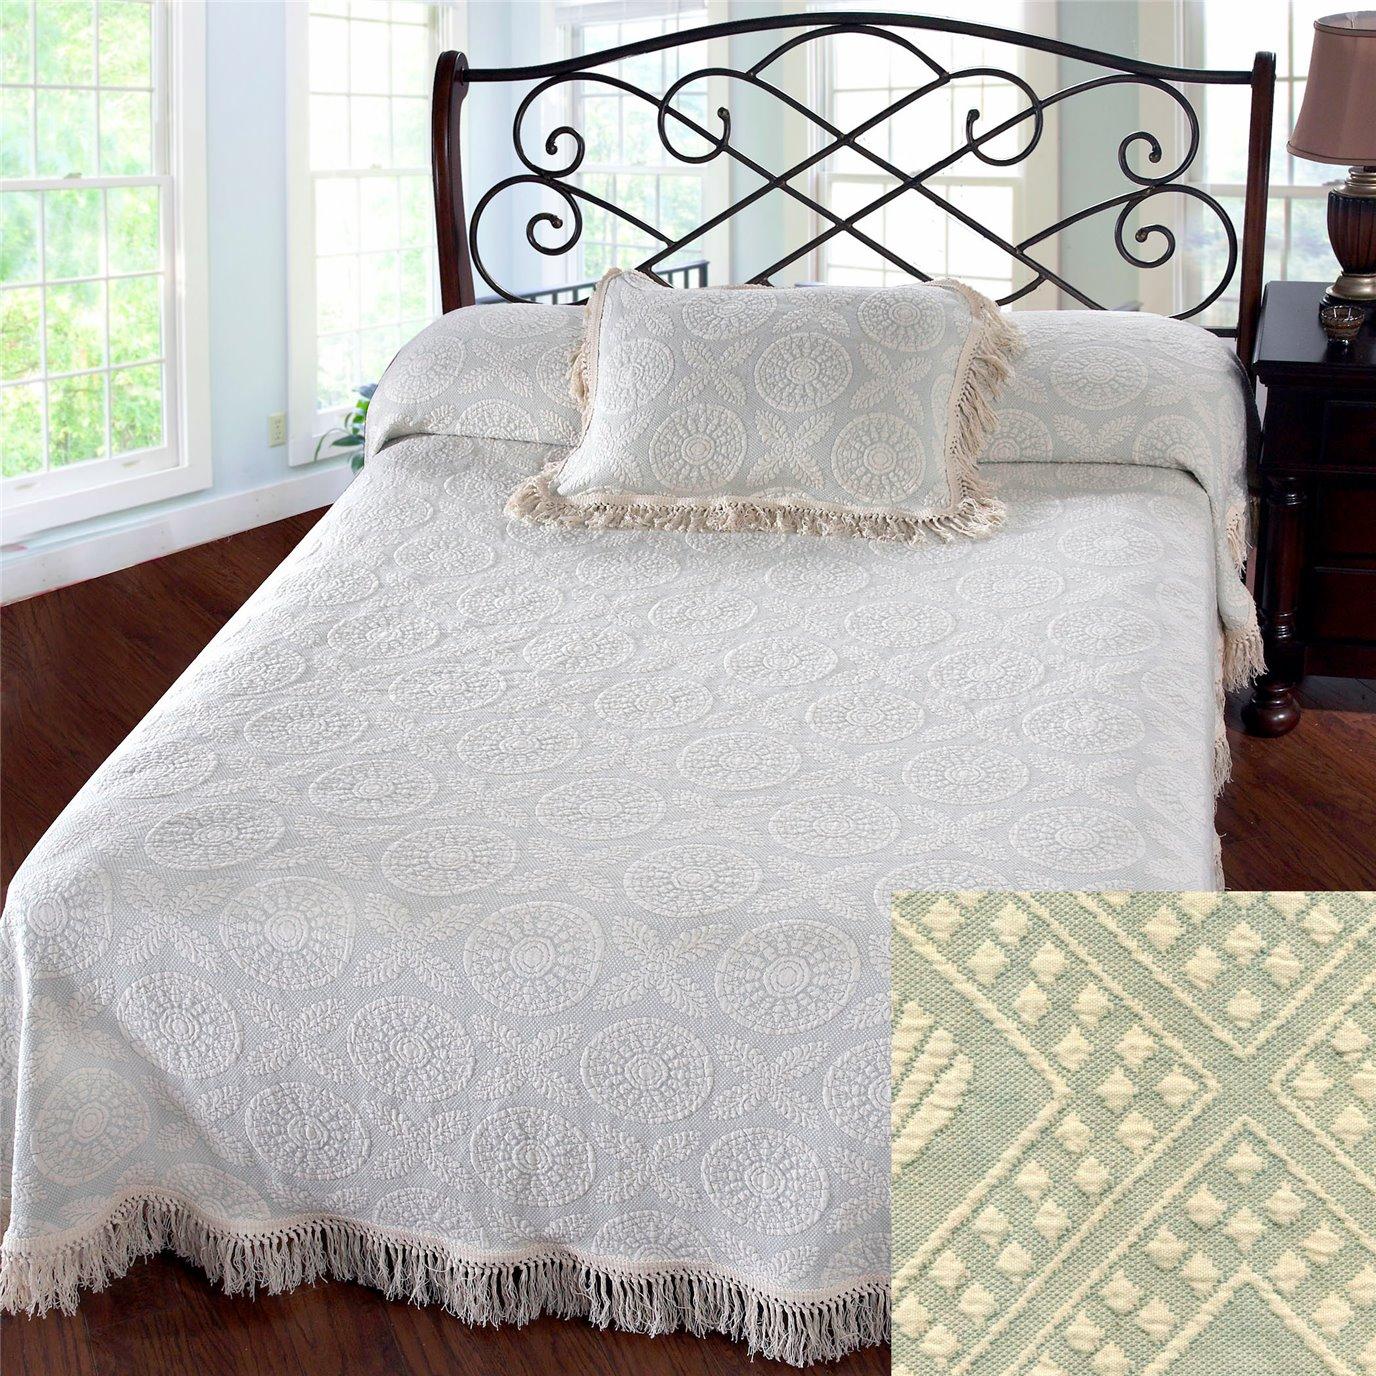 Heirloom Queen Sage Bedspread